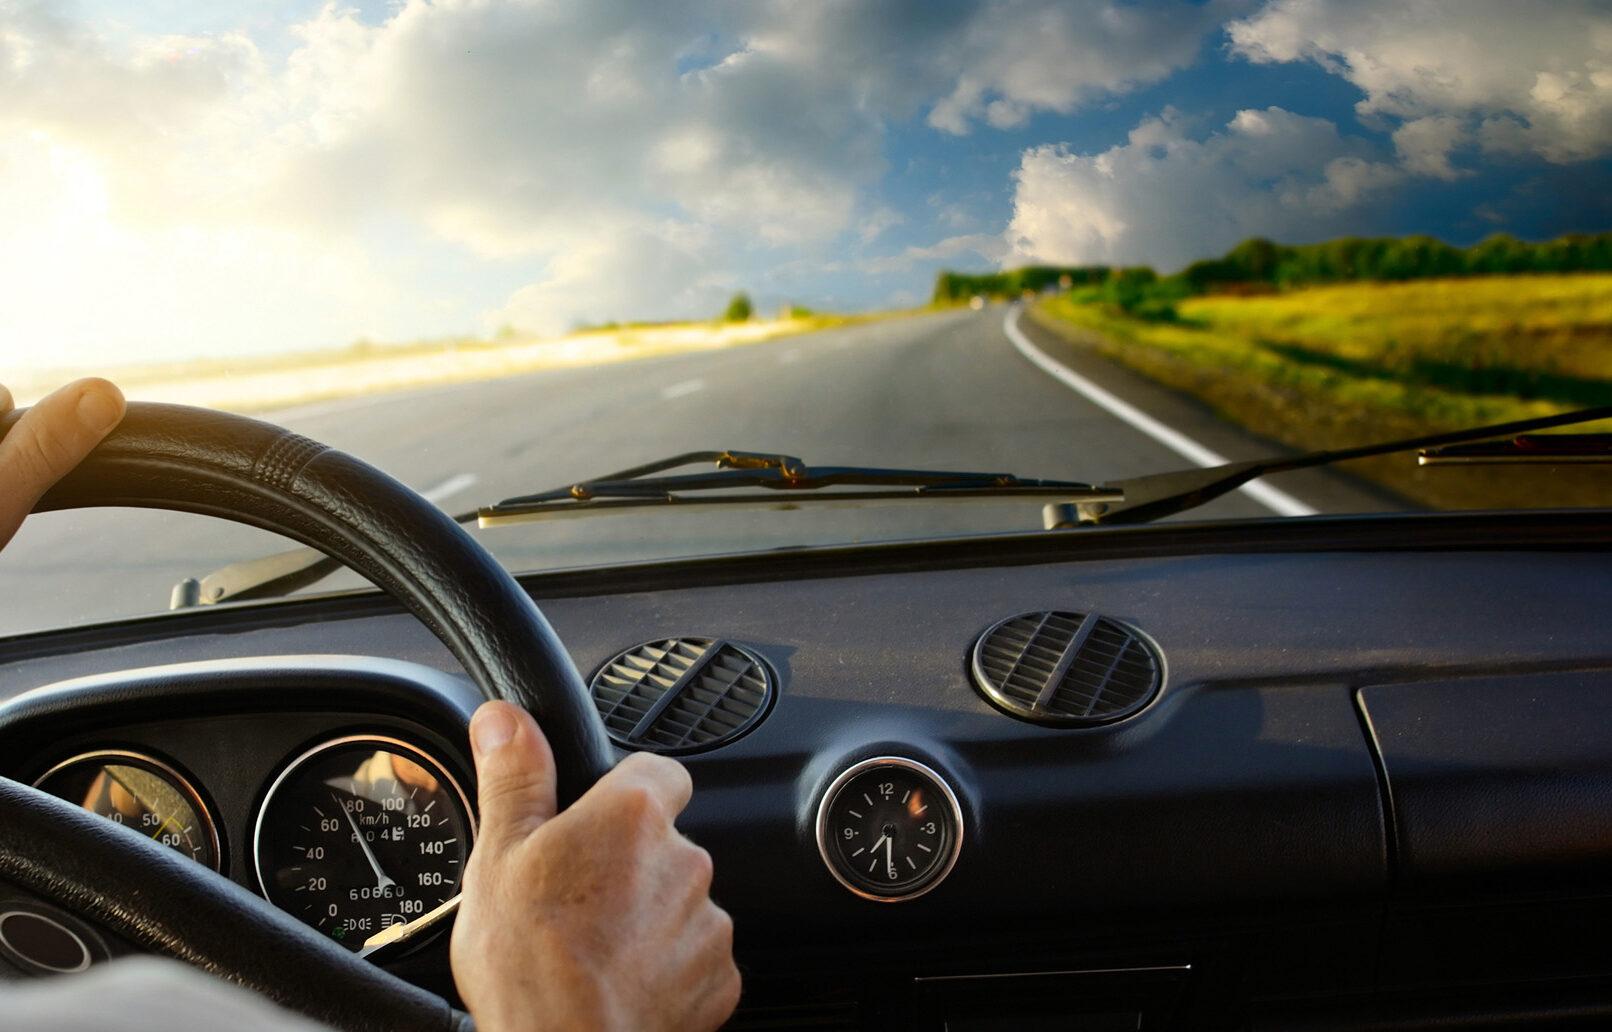 عقوبات قانون المرور الجديد 2021 في مصر وتكلفة الغرامات على مخالفات الشريحة الأولى مخالفات المرور